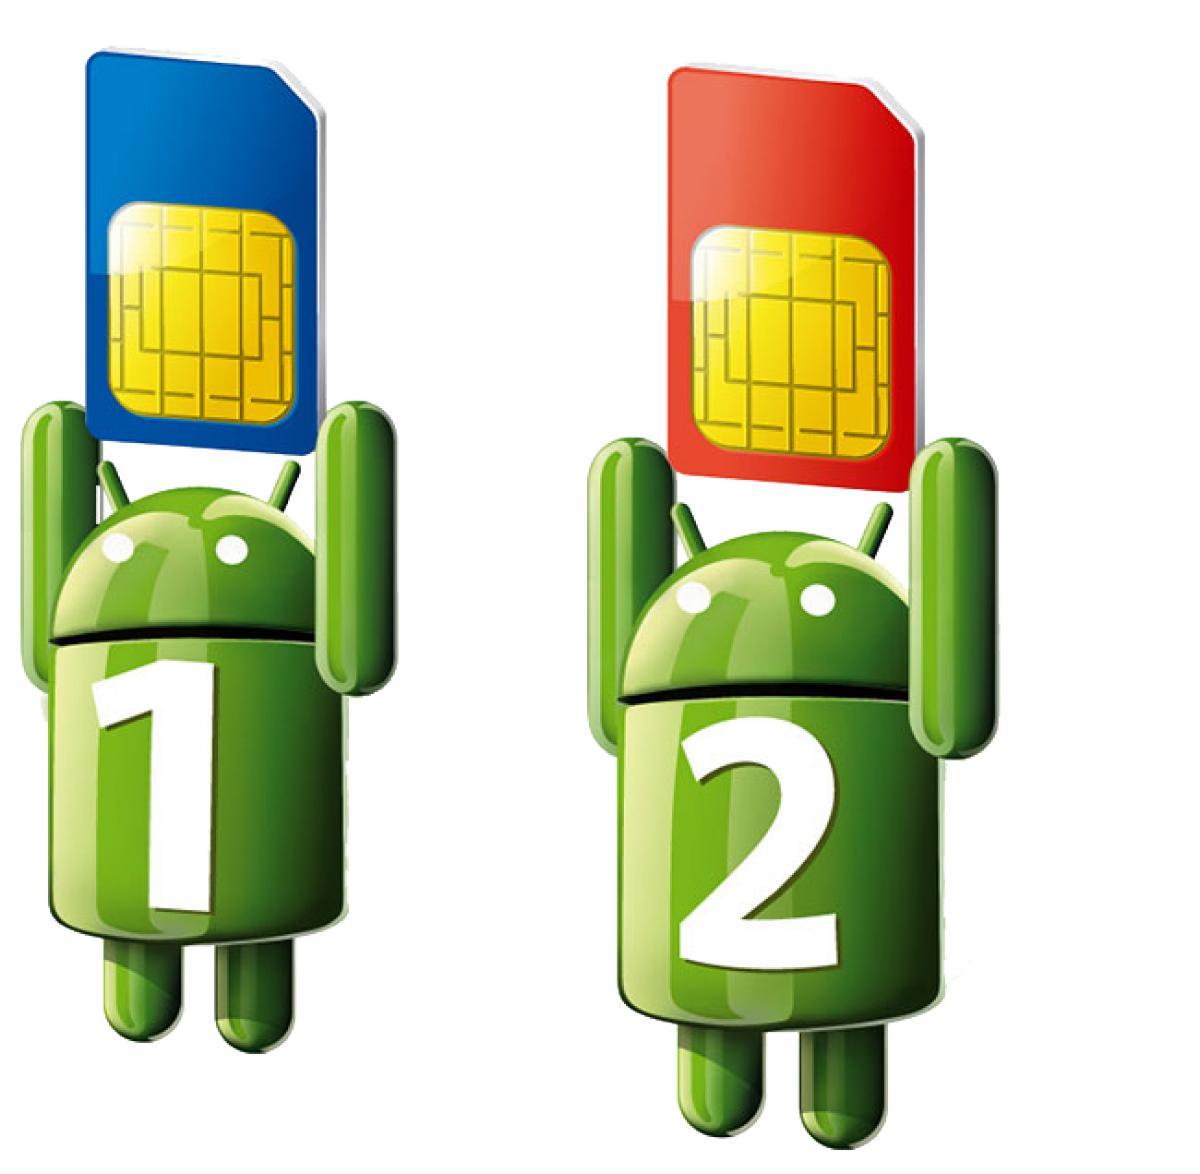 mi a mobilkereset az interneten